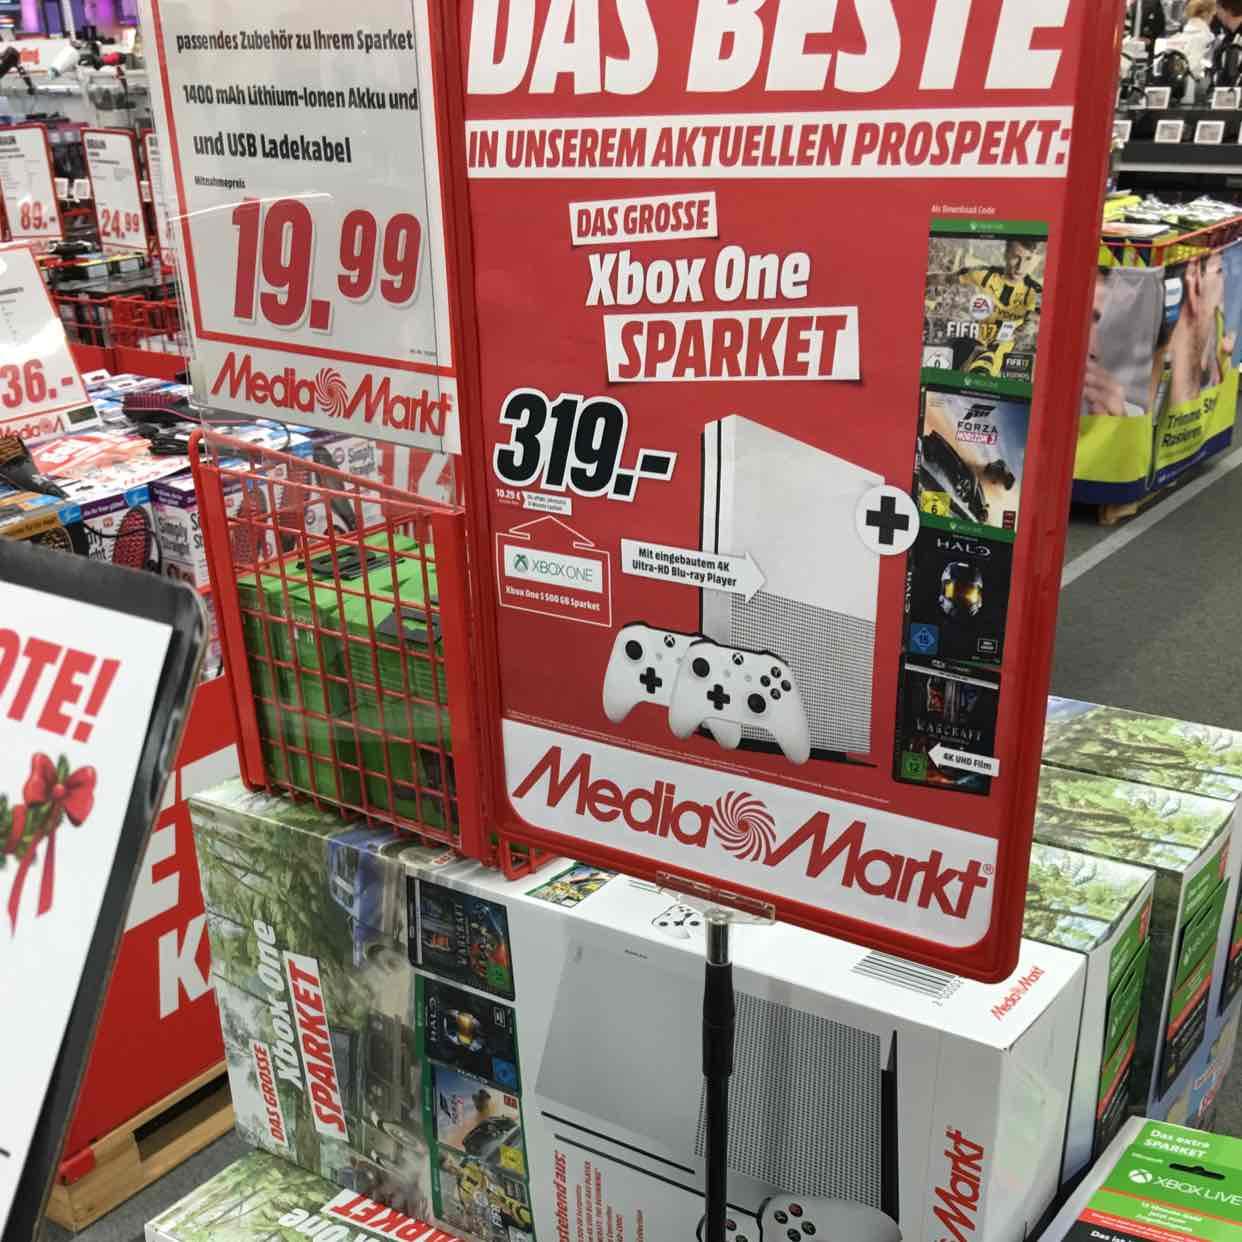 LOKAL!!! Xbox one Sparket! Xbox One S 500GB + 2 Controller + Fifa17 +Forza Horizone 3 + Halo Master Chief Collection + Halo Combat Evolved + Halo 2,3 und 4 & nur heute 1 Jahr Gold pass kostenlos dazu